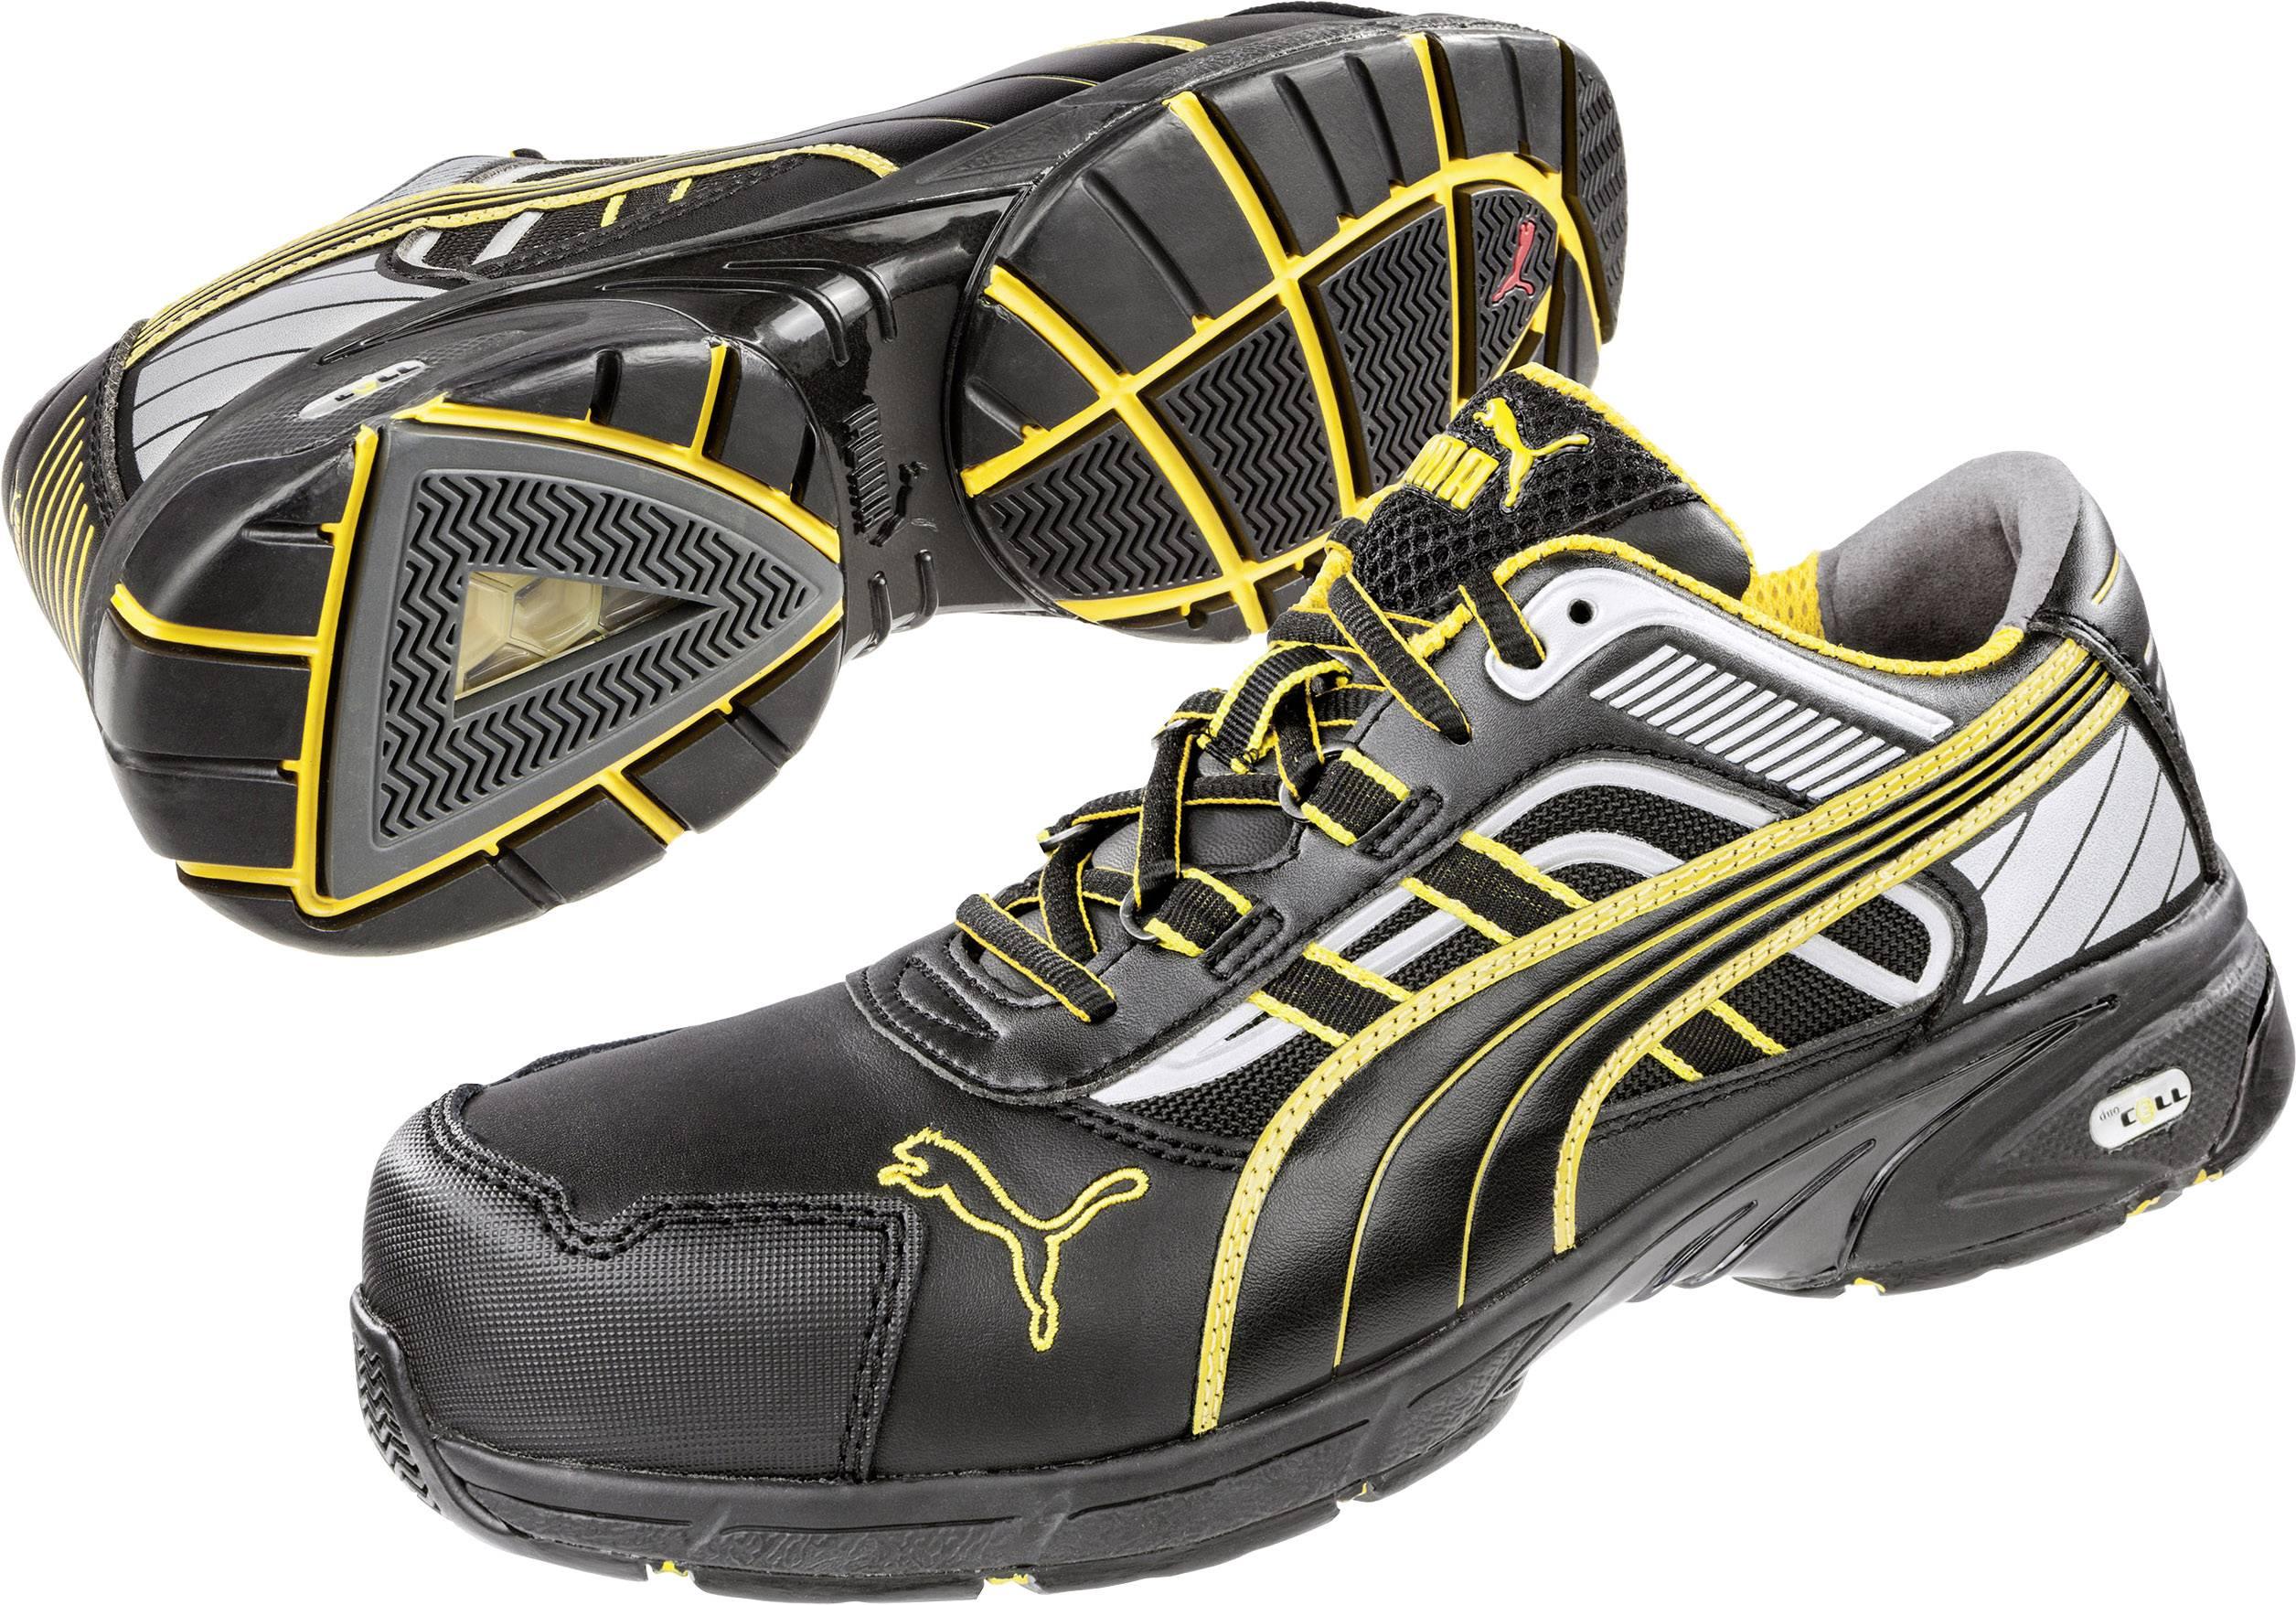 Bezpečnostní obuv S3 PUMA Safety Pace Black Low 642500, vel.: 44, černá, žlutá, 1 pár